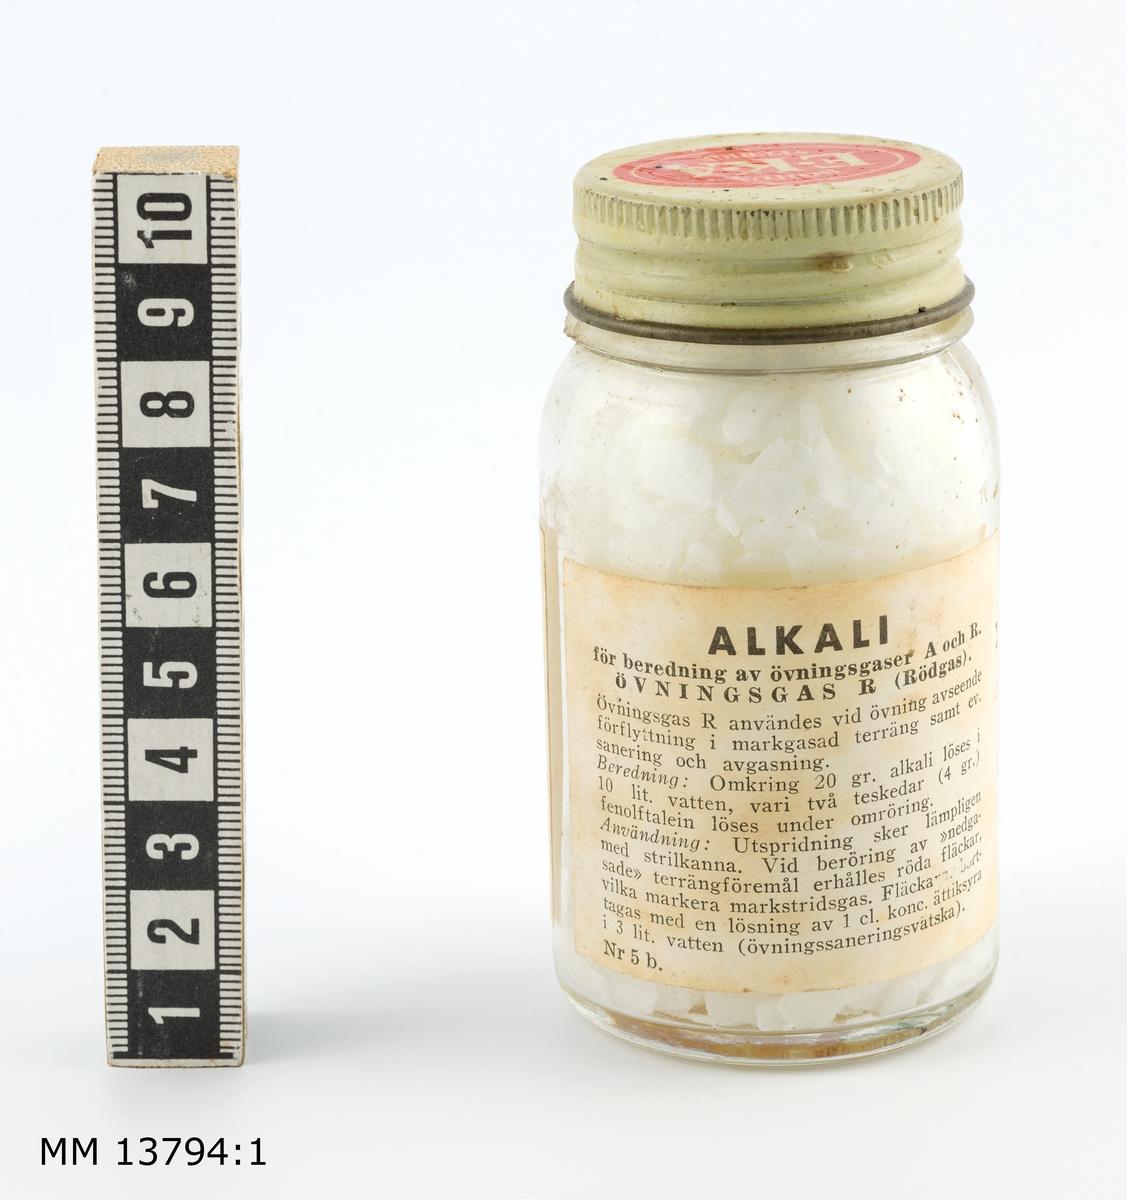 Alkalilösning för beredning av övningsgas. Förvaras i glasburk med skruvlock. På burken etikett med bruksanvisning.